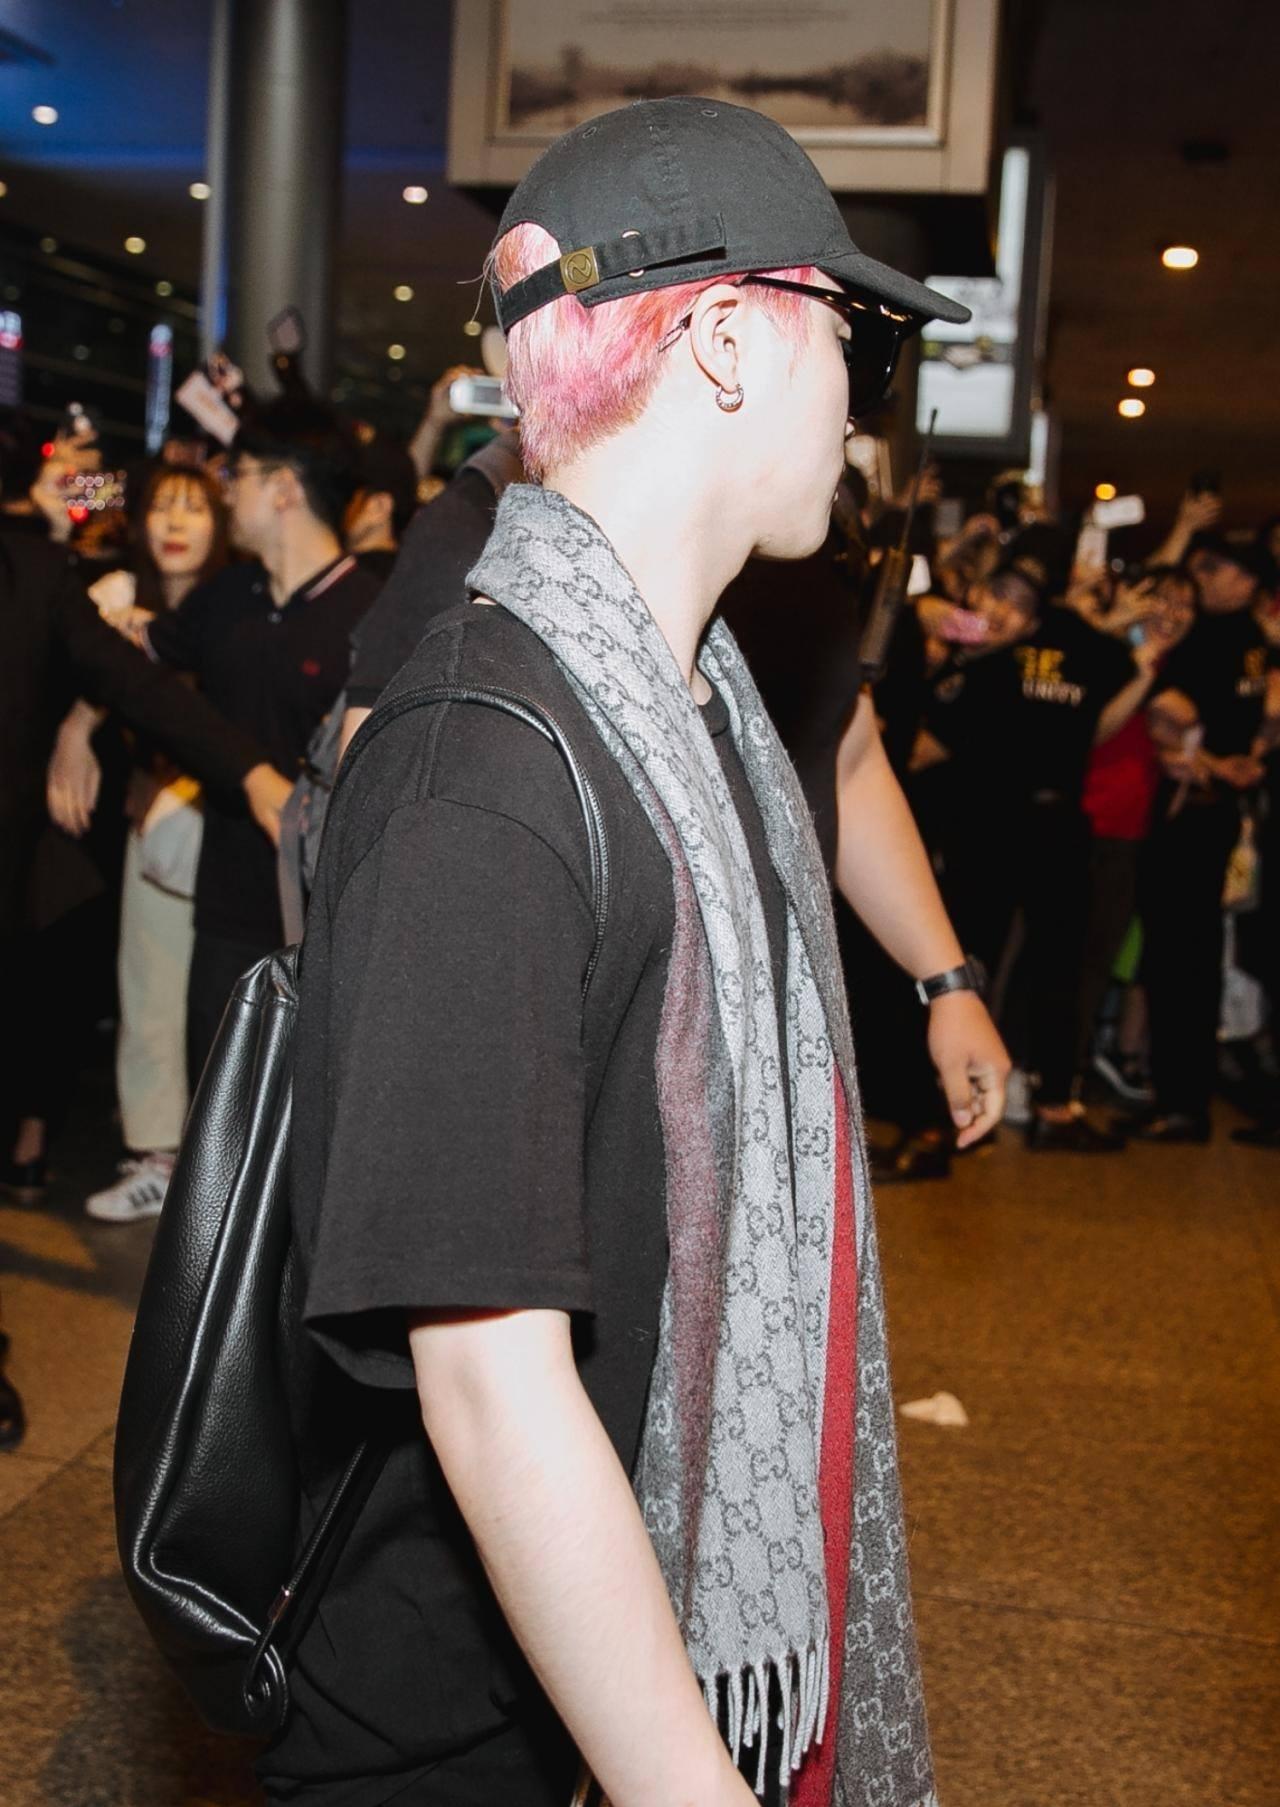 iKON xuất hiện chớp nhoáng tại sân bay Tân Sơn nhất, cực sang chảnh giữa biển người hâm mộ   - Ảnh 7